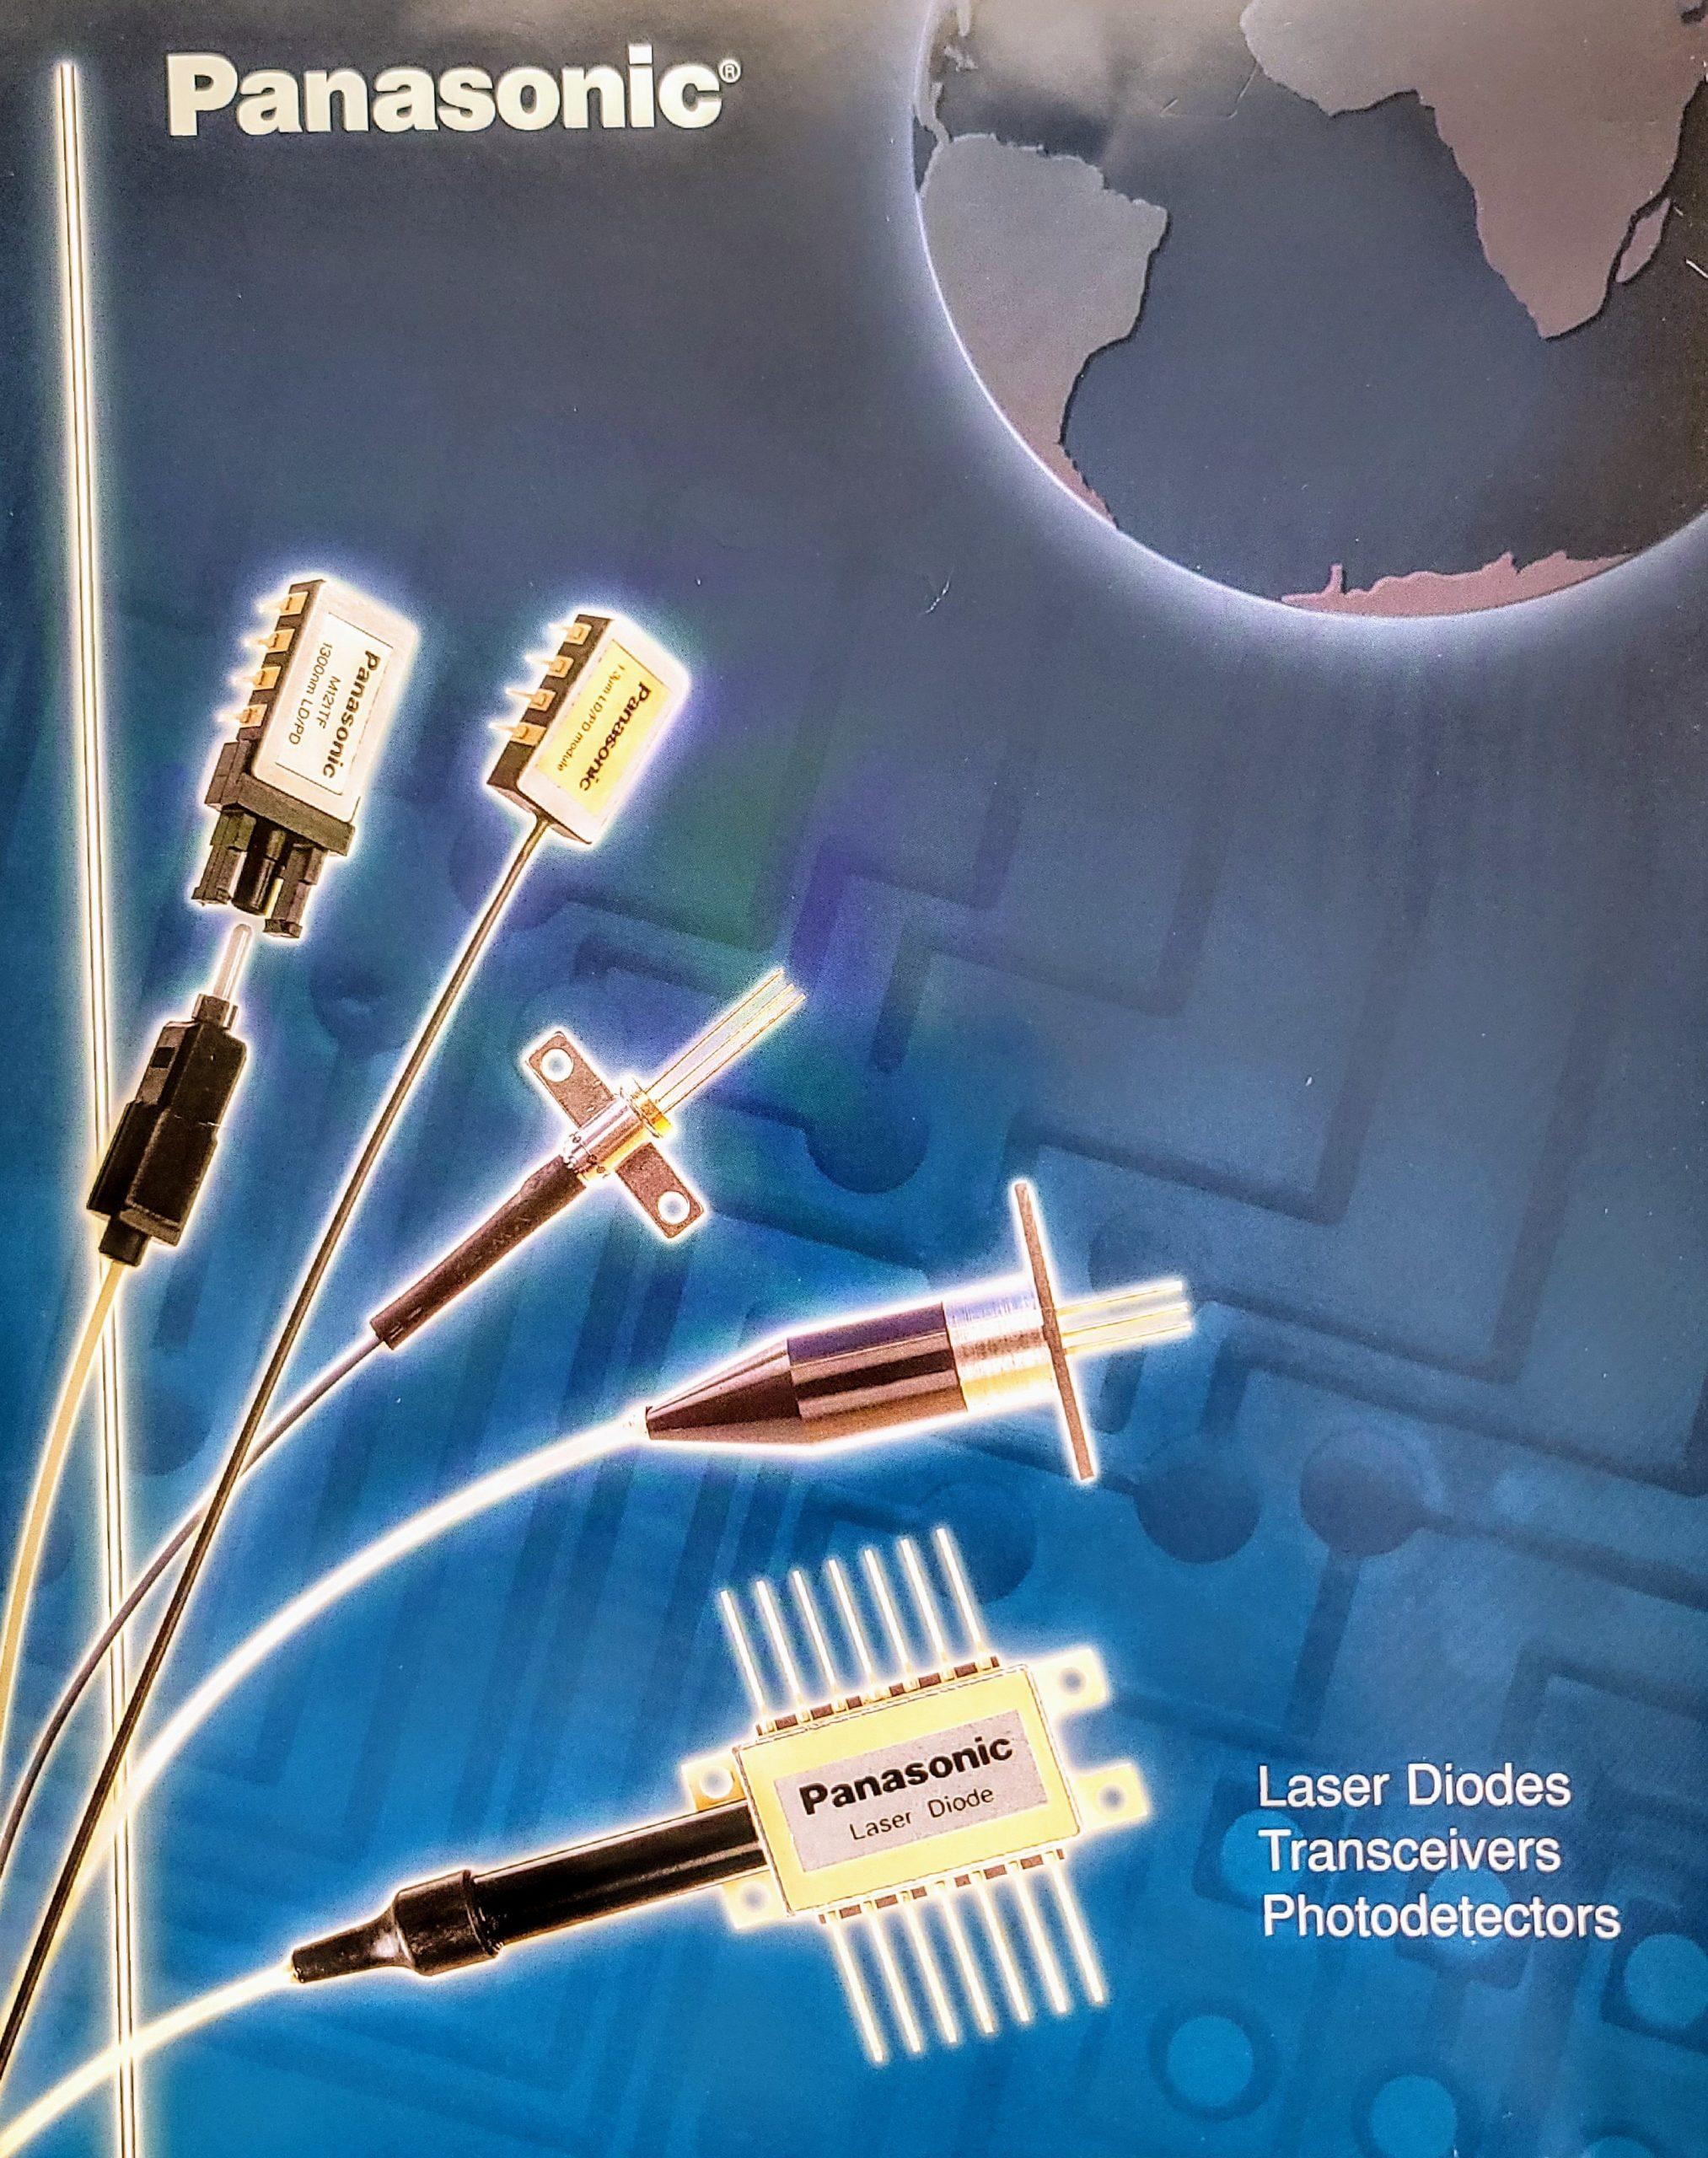 panasonic_laser diodes_24